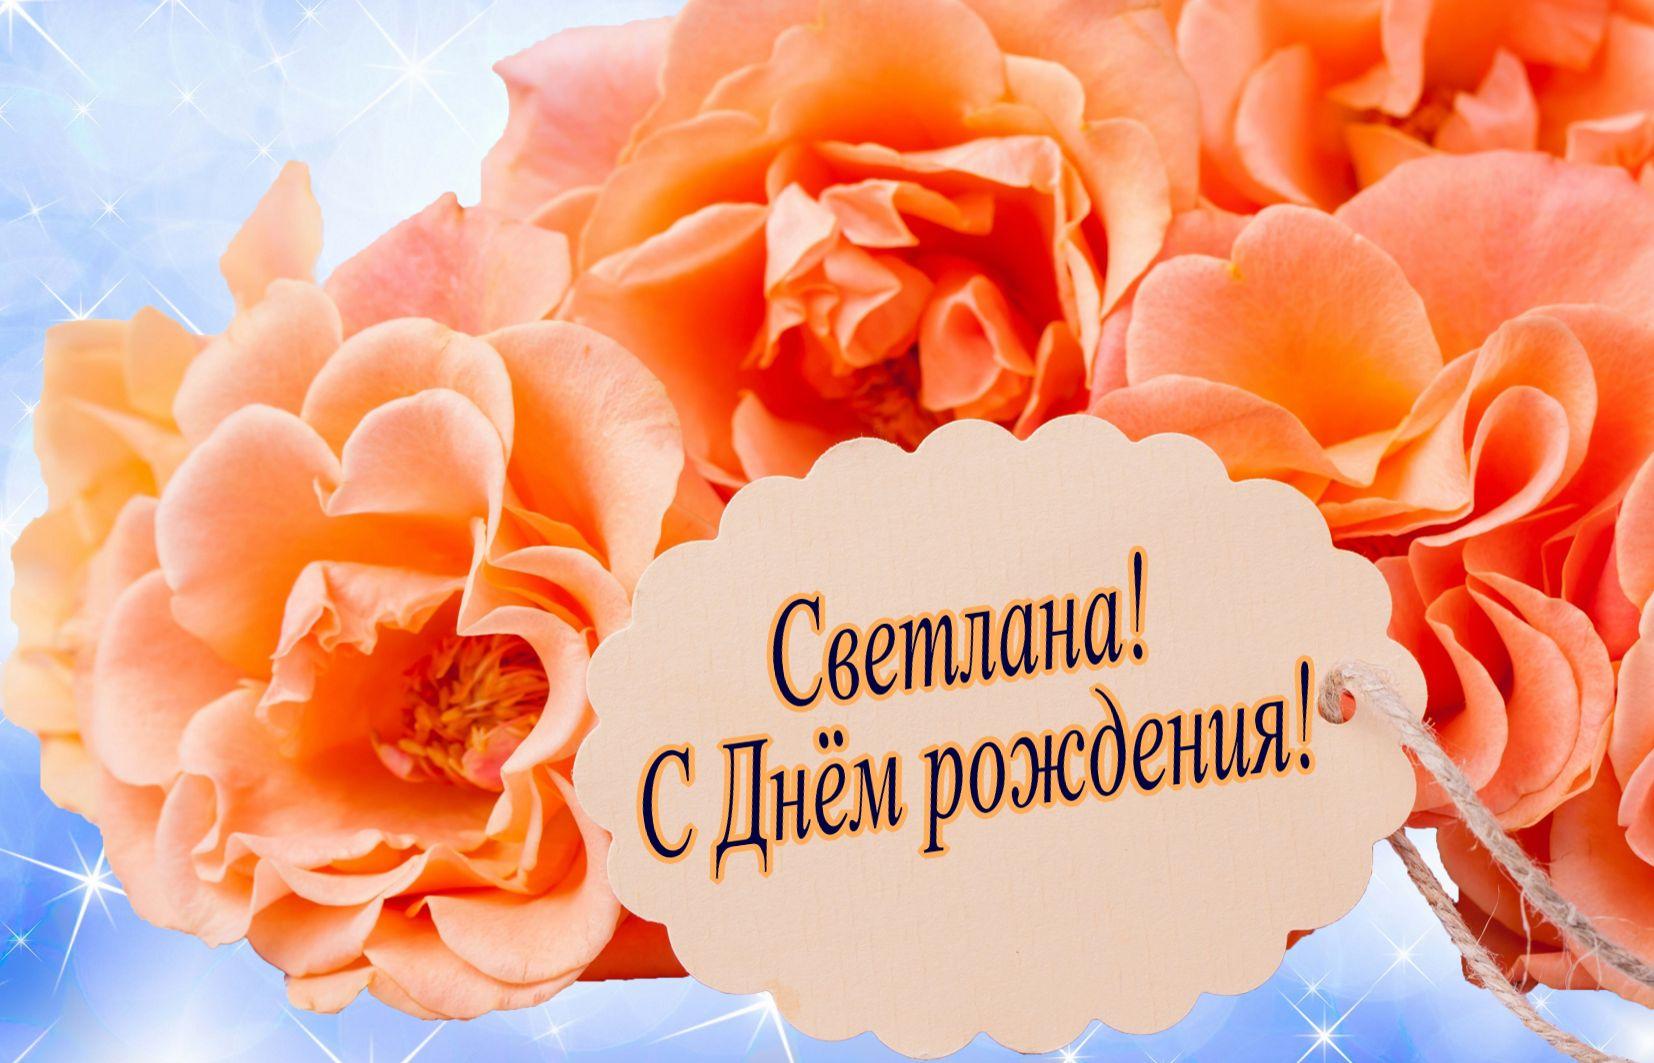 С Днем Рождения Светлана - красивые открытки 9